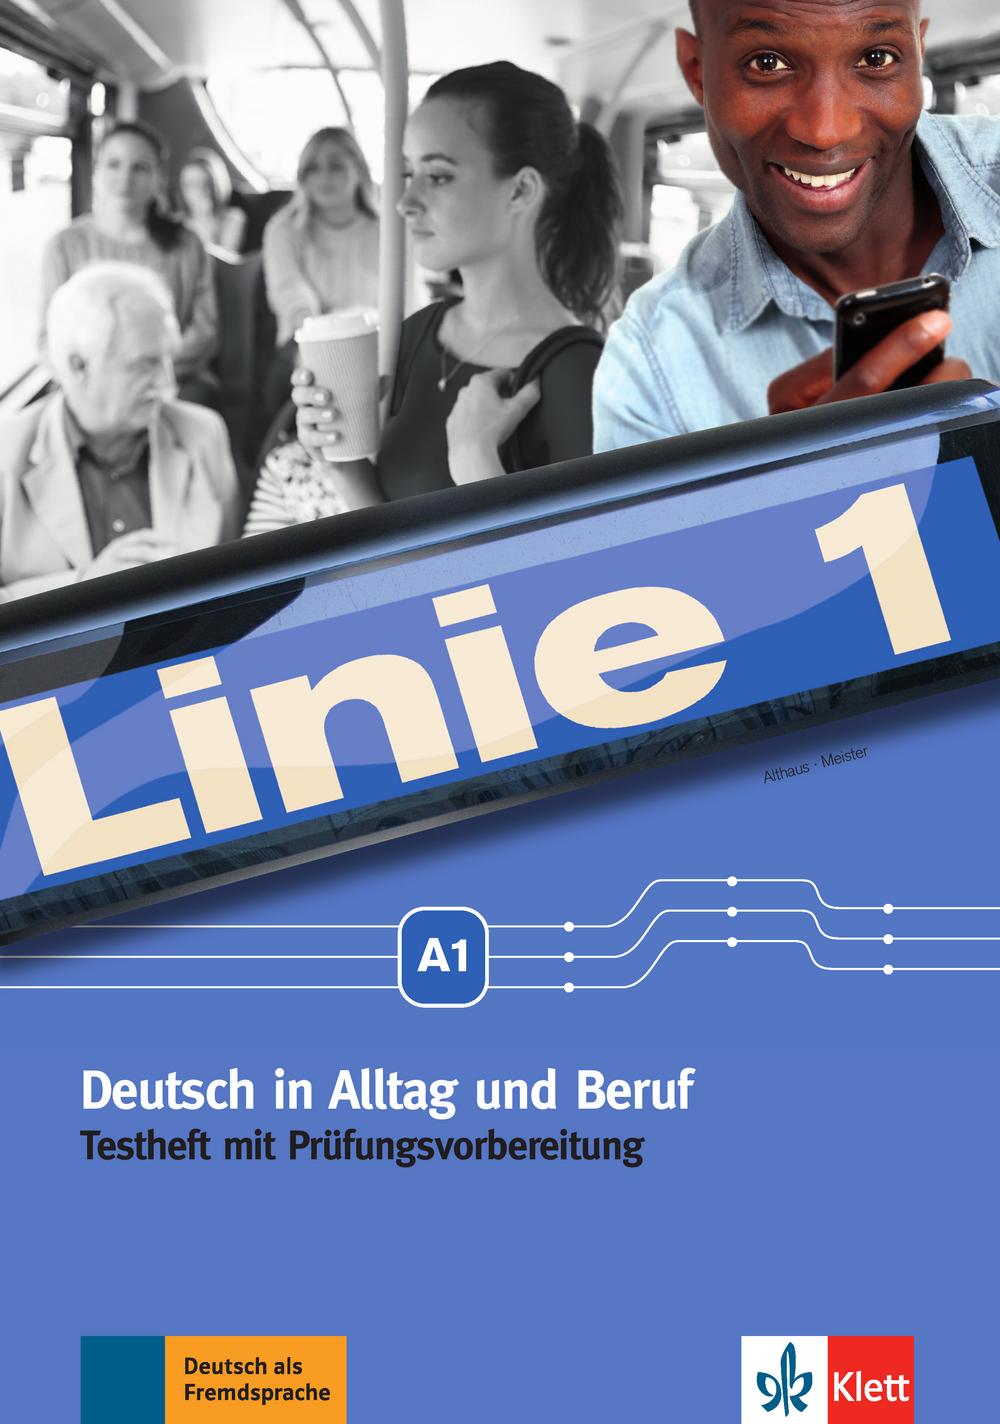 Linie1 A1